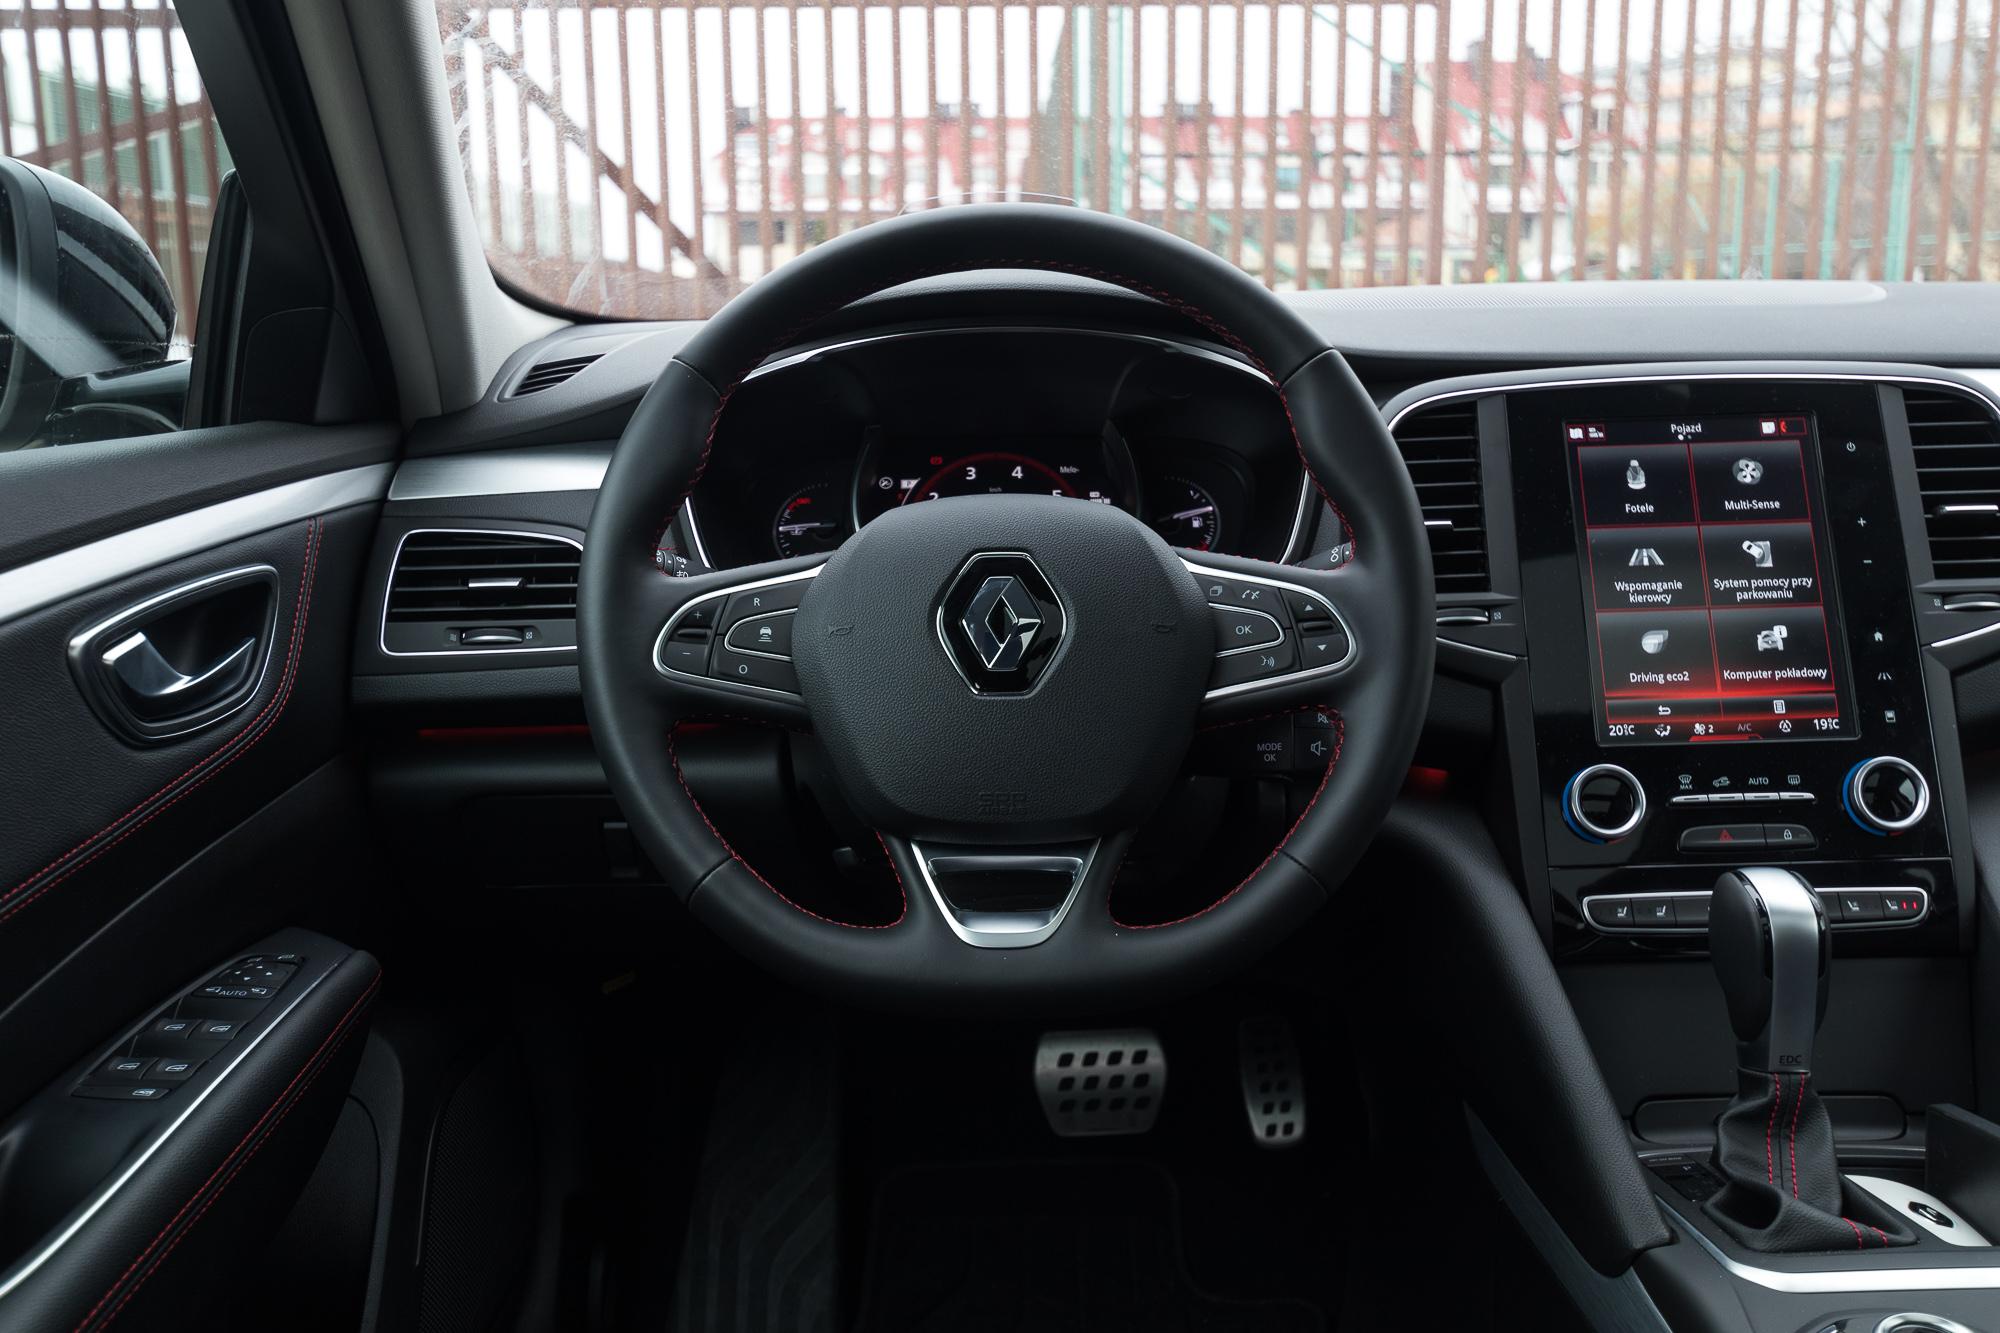 Renault Talisman 1.8 TCe test